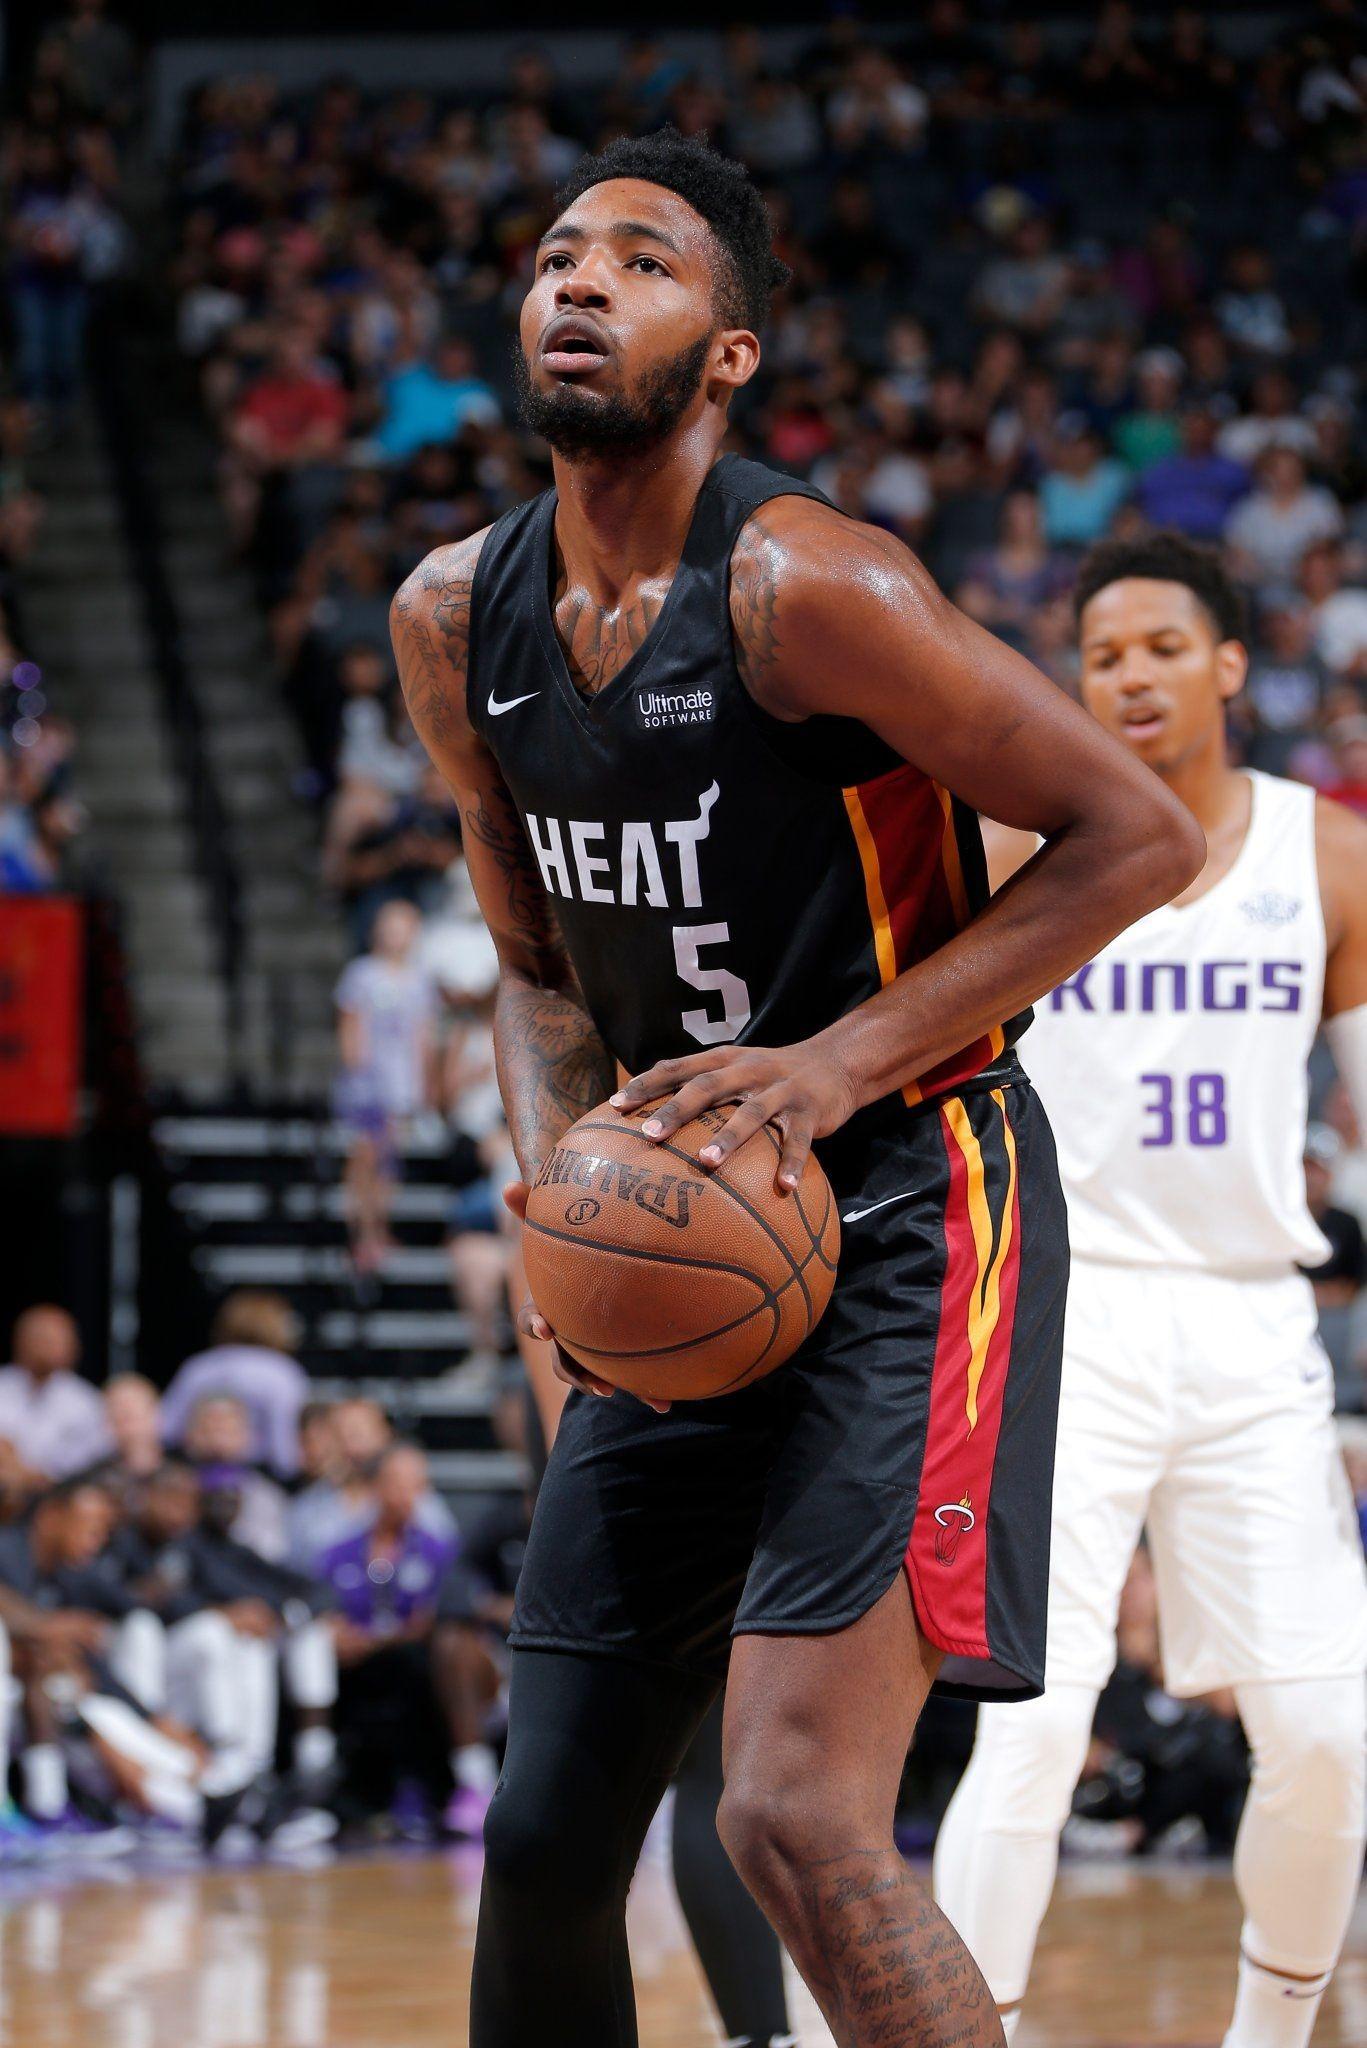 Pin on LBS basketball